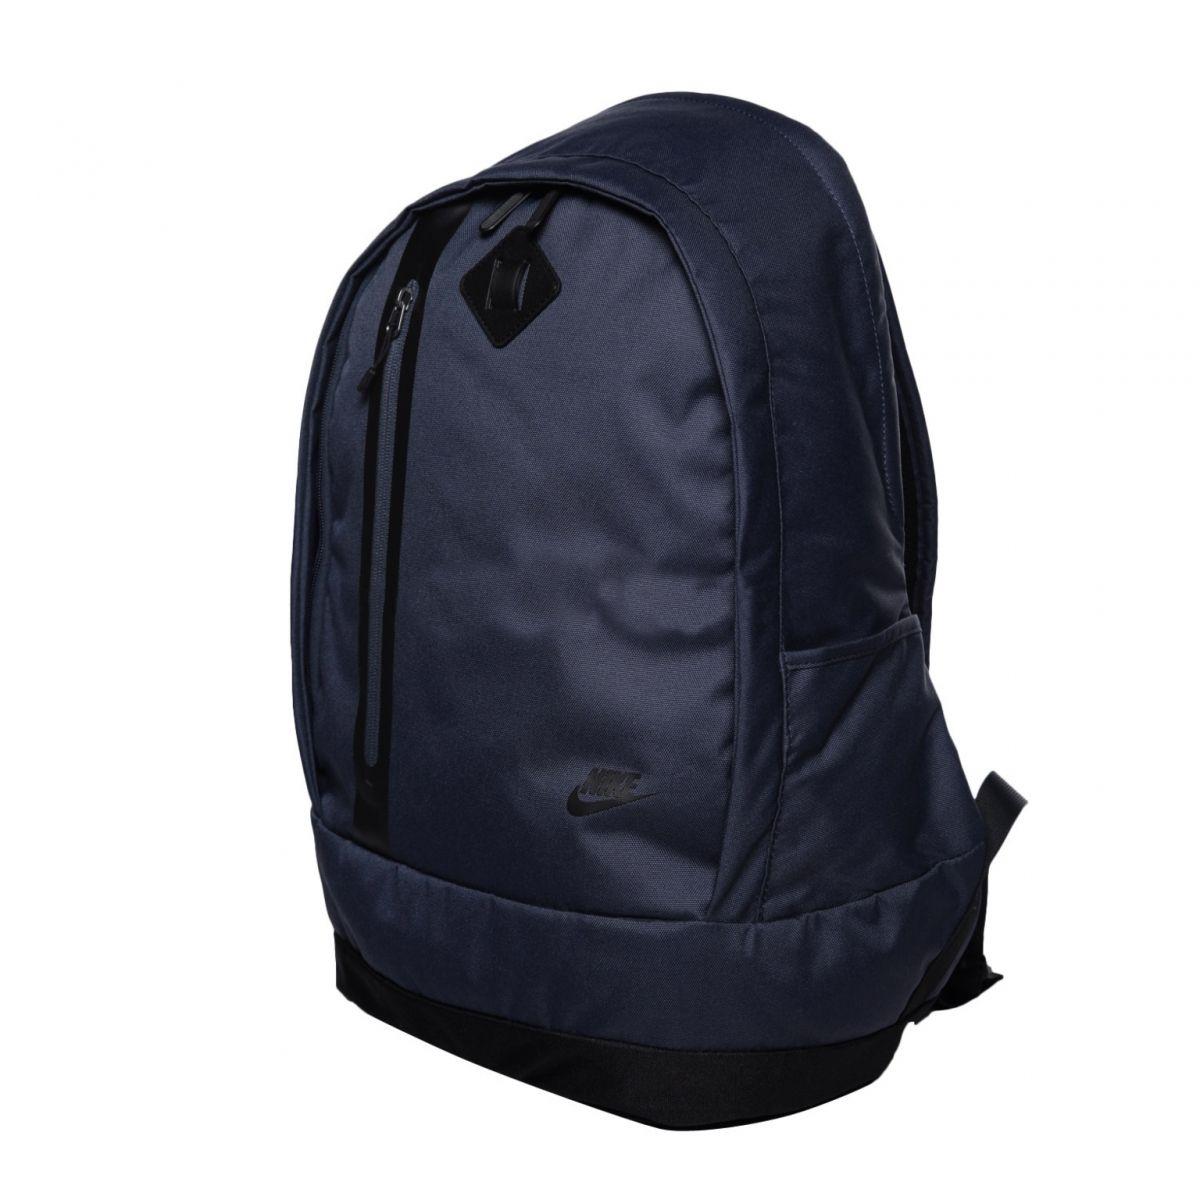 1a52f5d5ca092 Type Backpacks Nike Sportswear Cheyenne 3.0 Solid Backpack